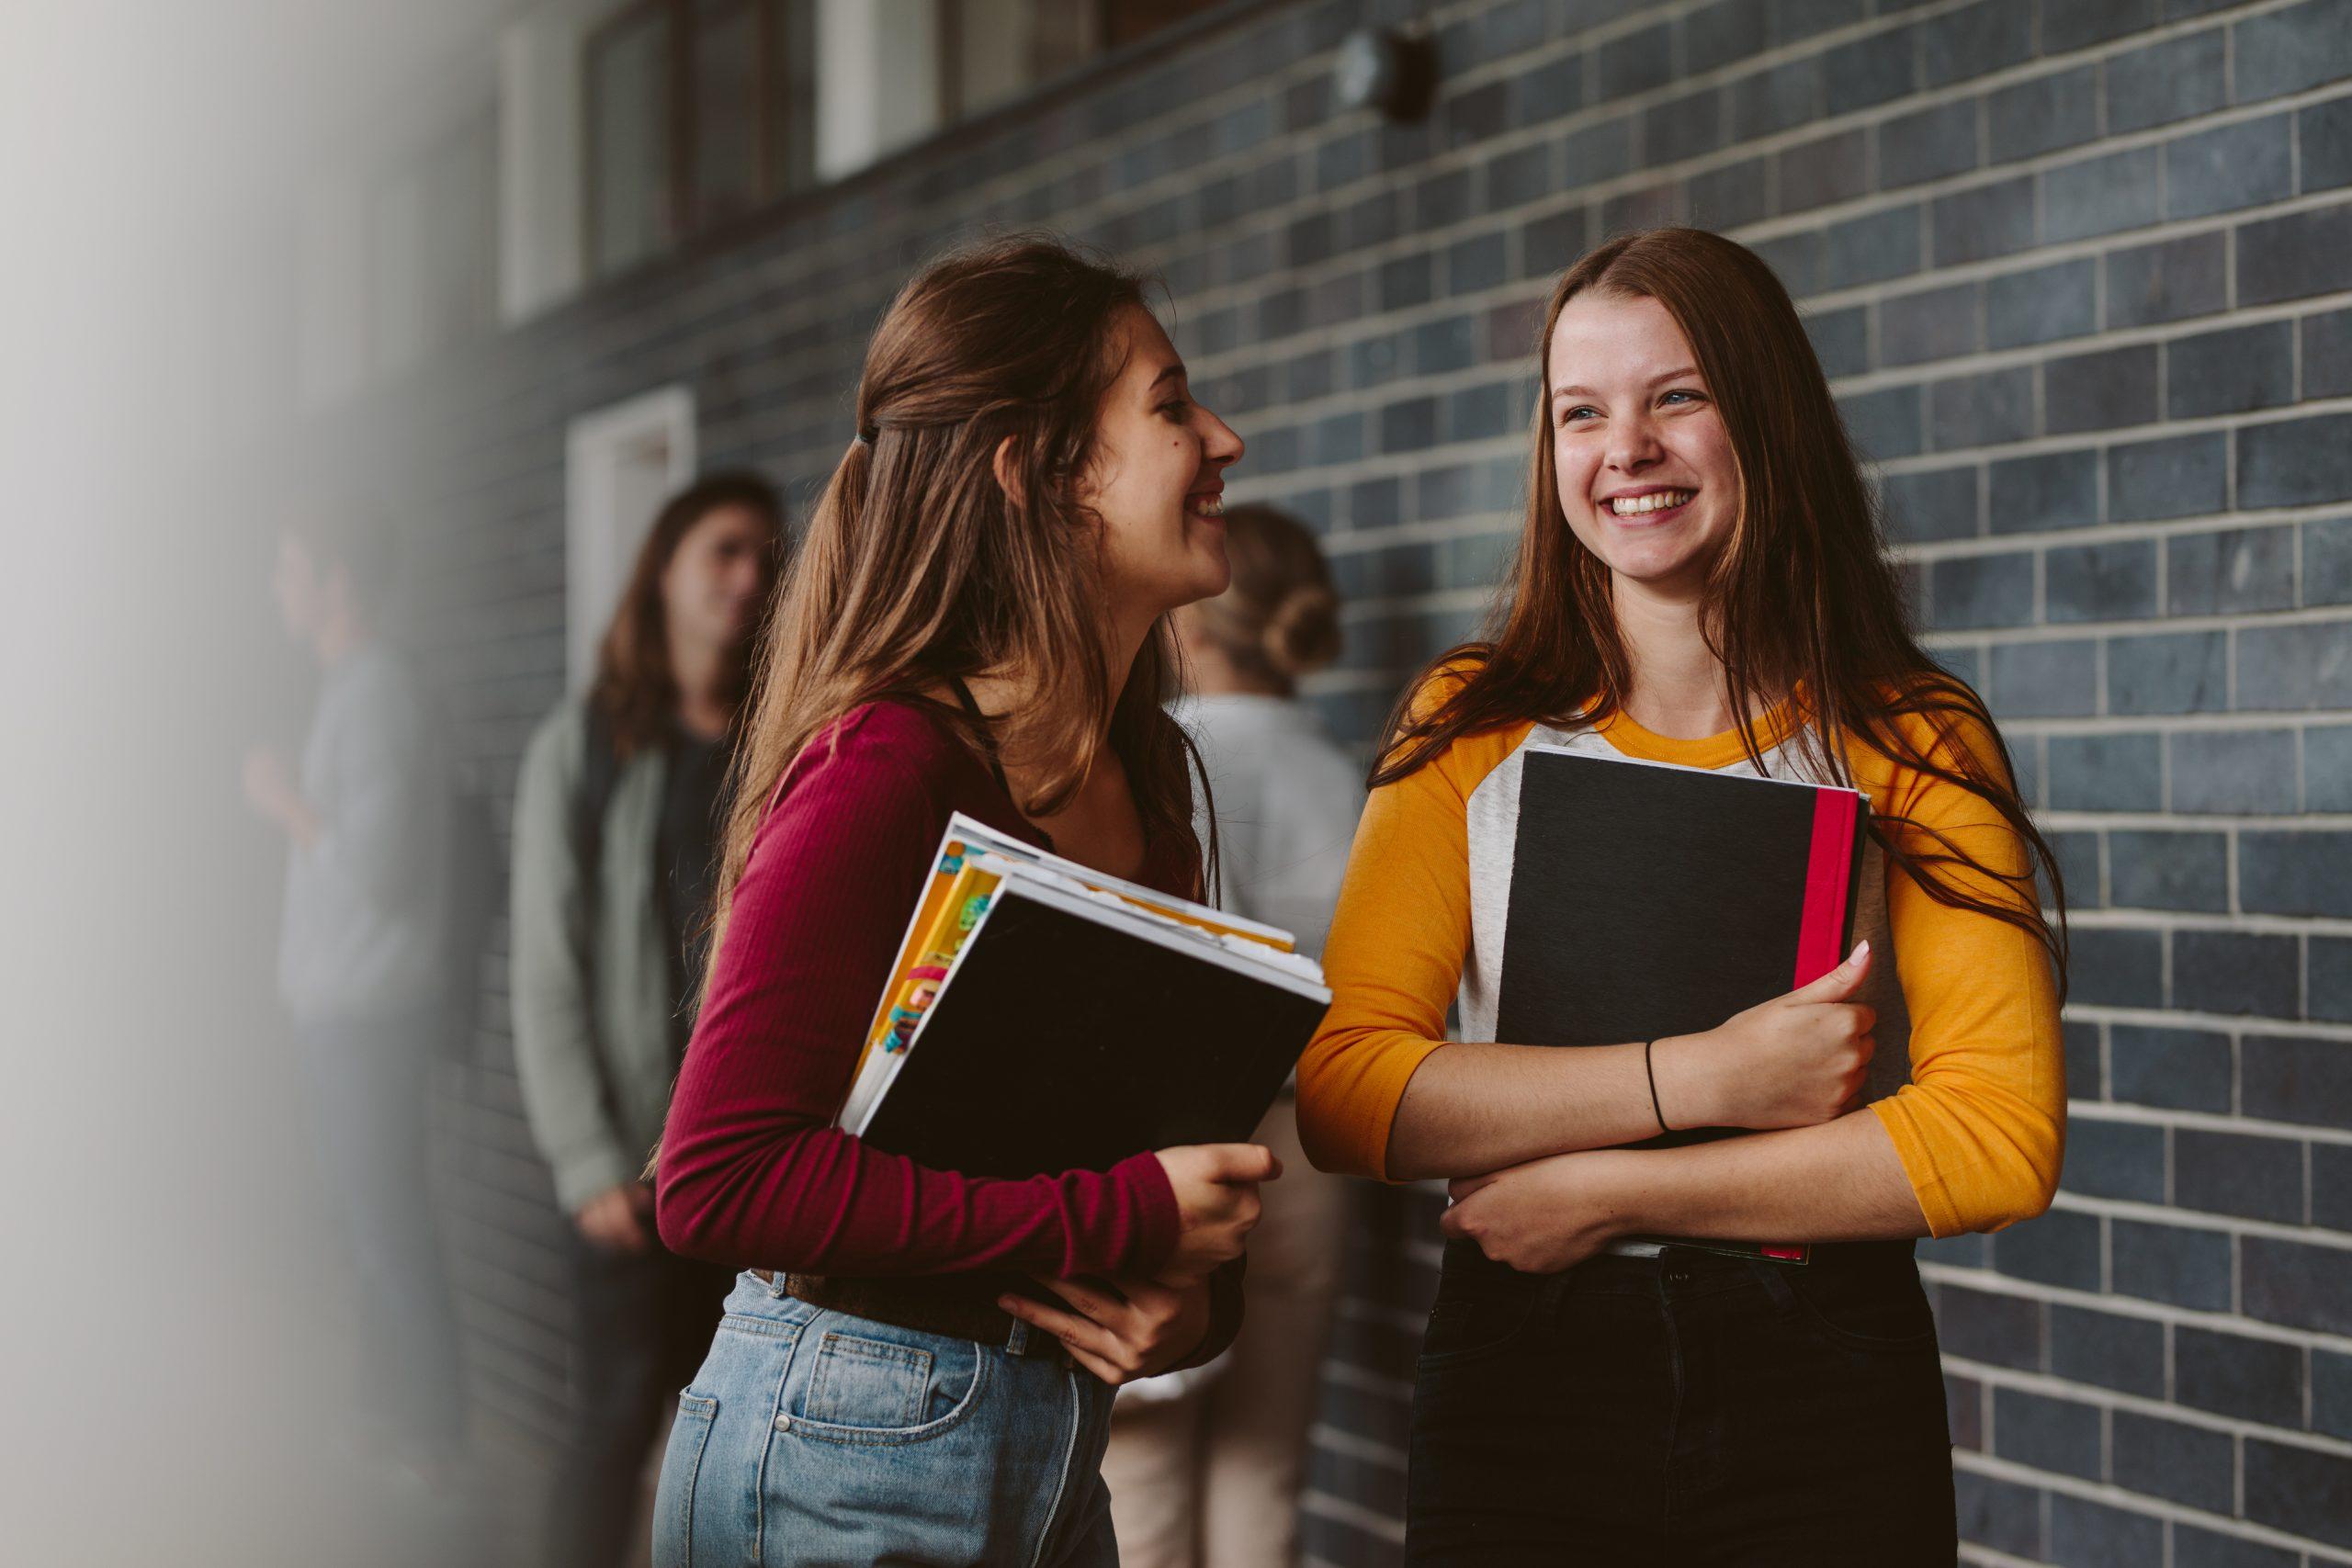 ทำความรู้จักเพื่อนใหม่ ประโยคภาษาอังกฤษ เพื่อน เพื่อนต่างชาติ เพื่อนฝรั่ง เพื่อนใหม่ ภาษาอังกฤษ